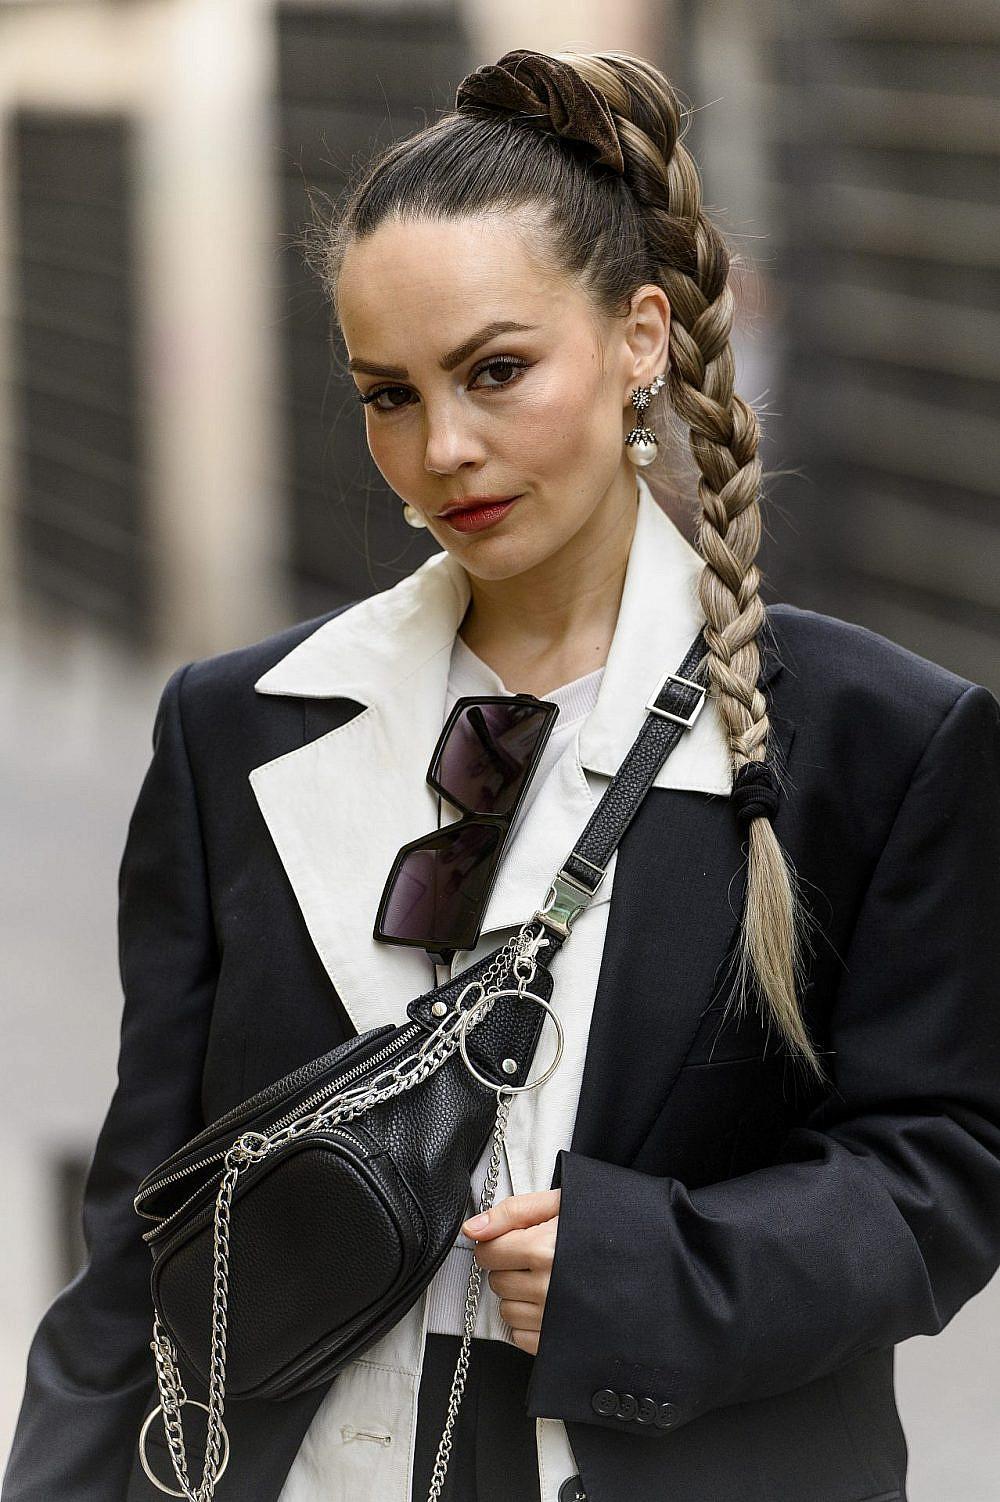 בלוגרית ועיתונאית האופנה דריה וסילייבה | צילום: Juan Naharro Gimenez/Getty Images